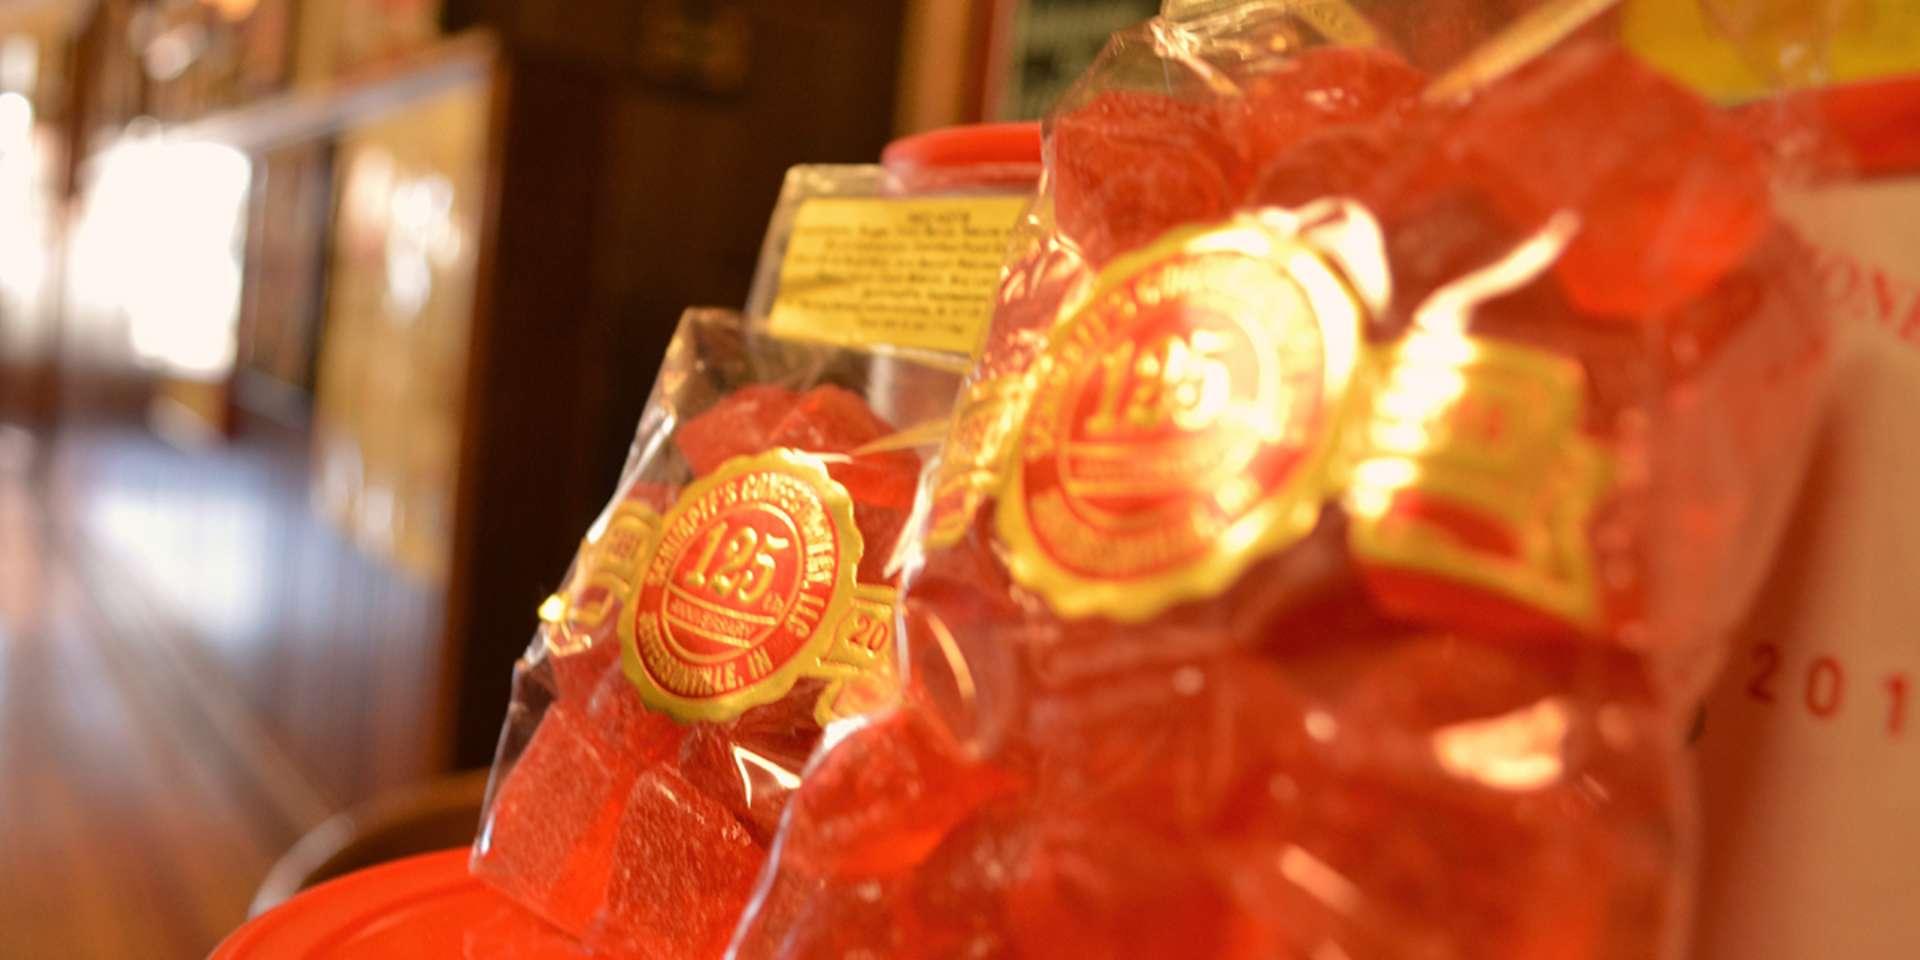 Schimpff's red hots